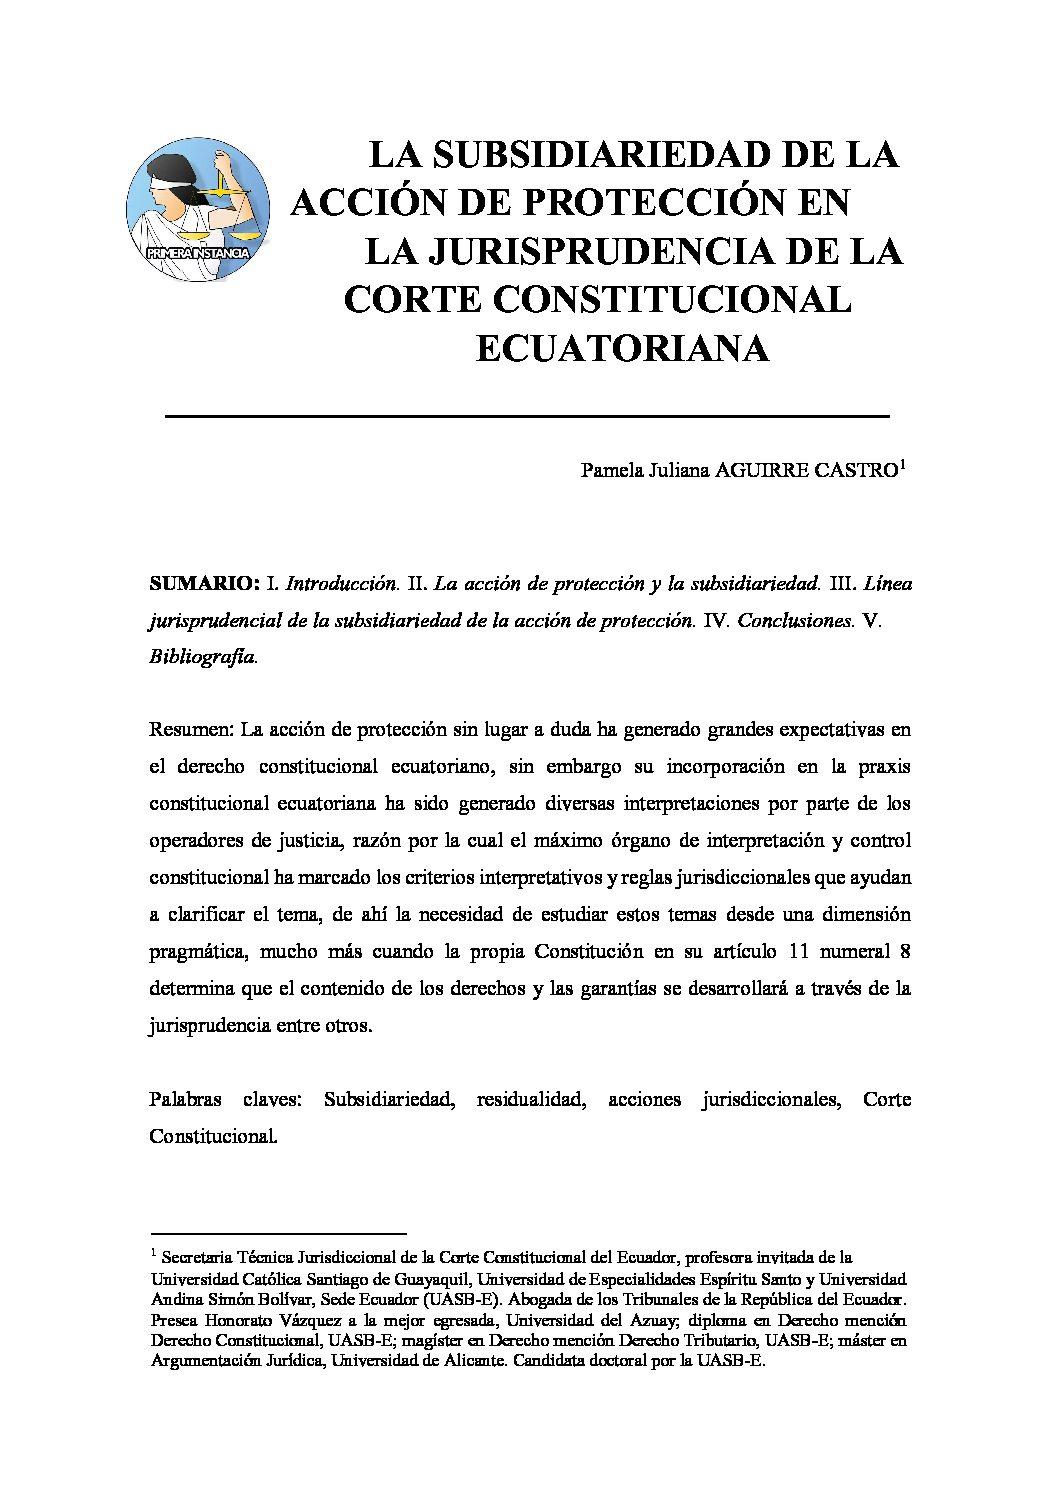 LA SUBSIDIARIEDAD DE LA ACCIÓN DE PROTECCIÓN EN LA JURISPRUDENCIA DE LA CORTE CONSTITUCIONAL ECUATORIANA, _Pamela Juliana Aguirre Castro